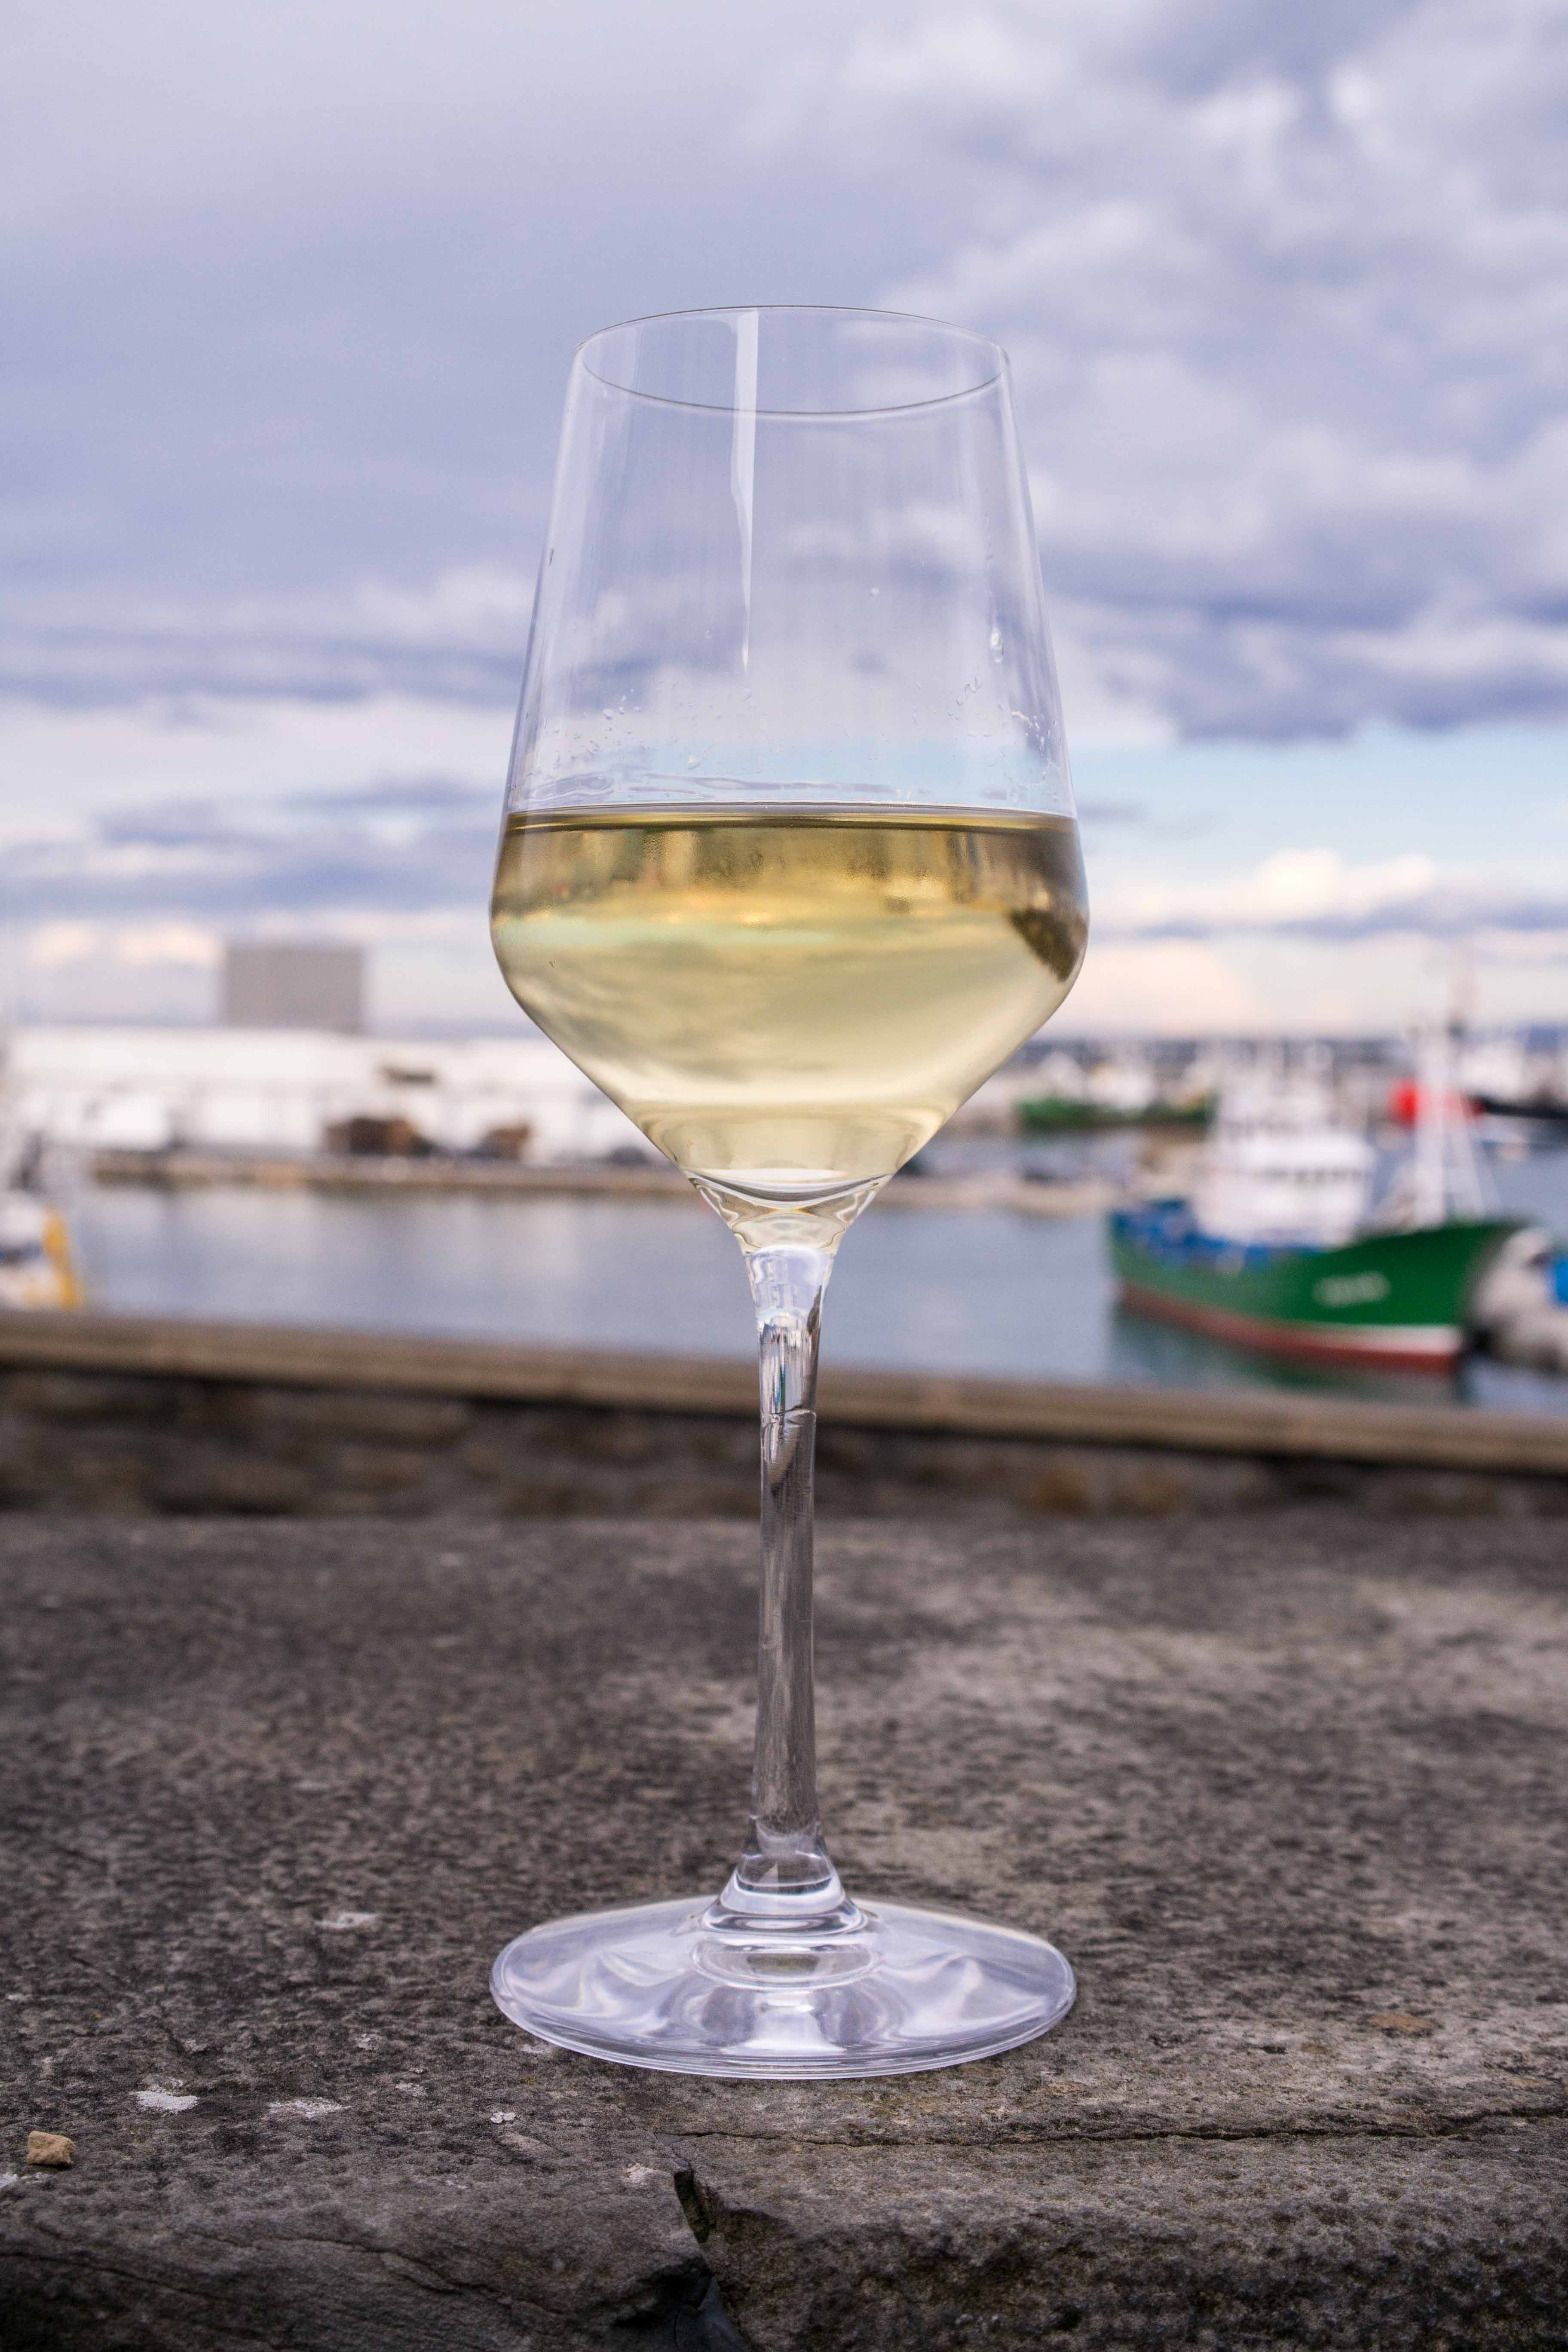 Weinglas Hafen Getaria Baskenland